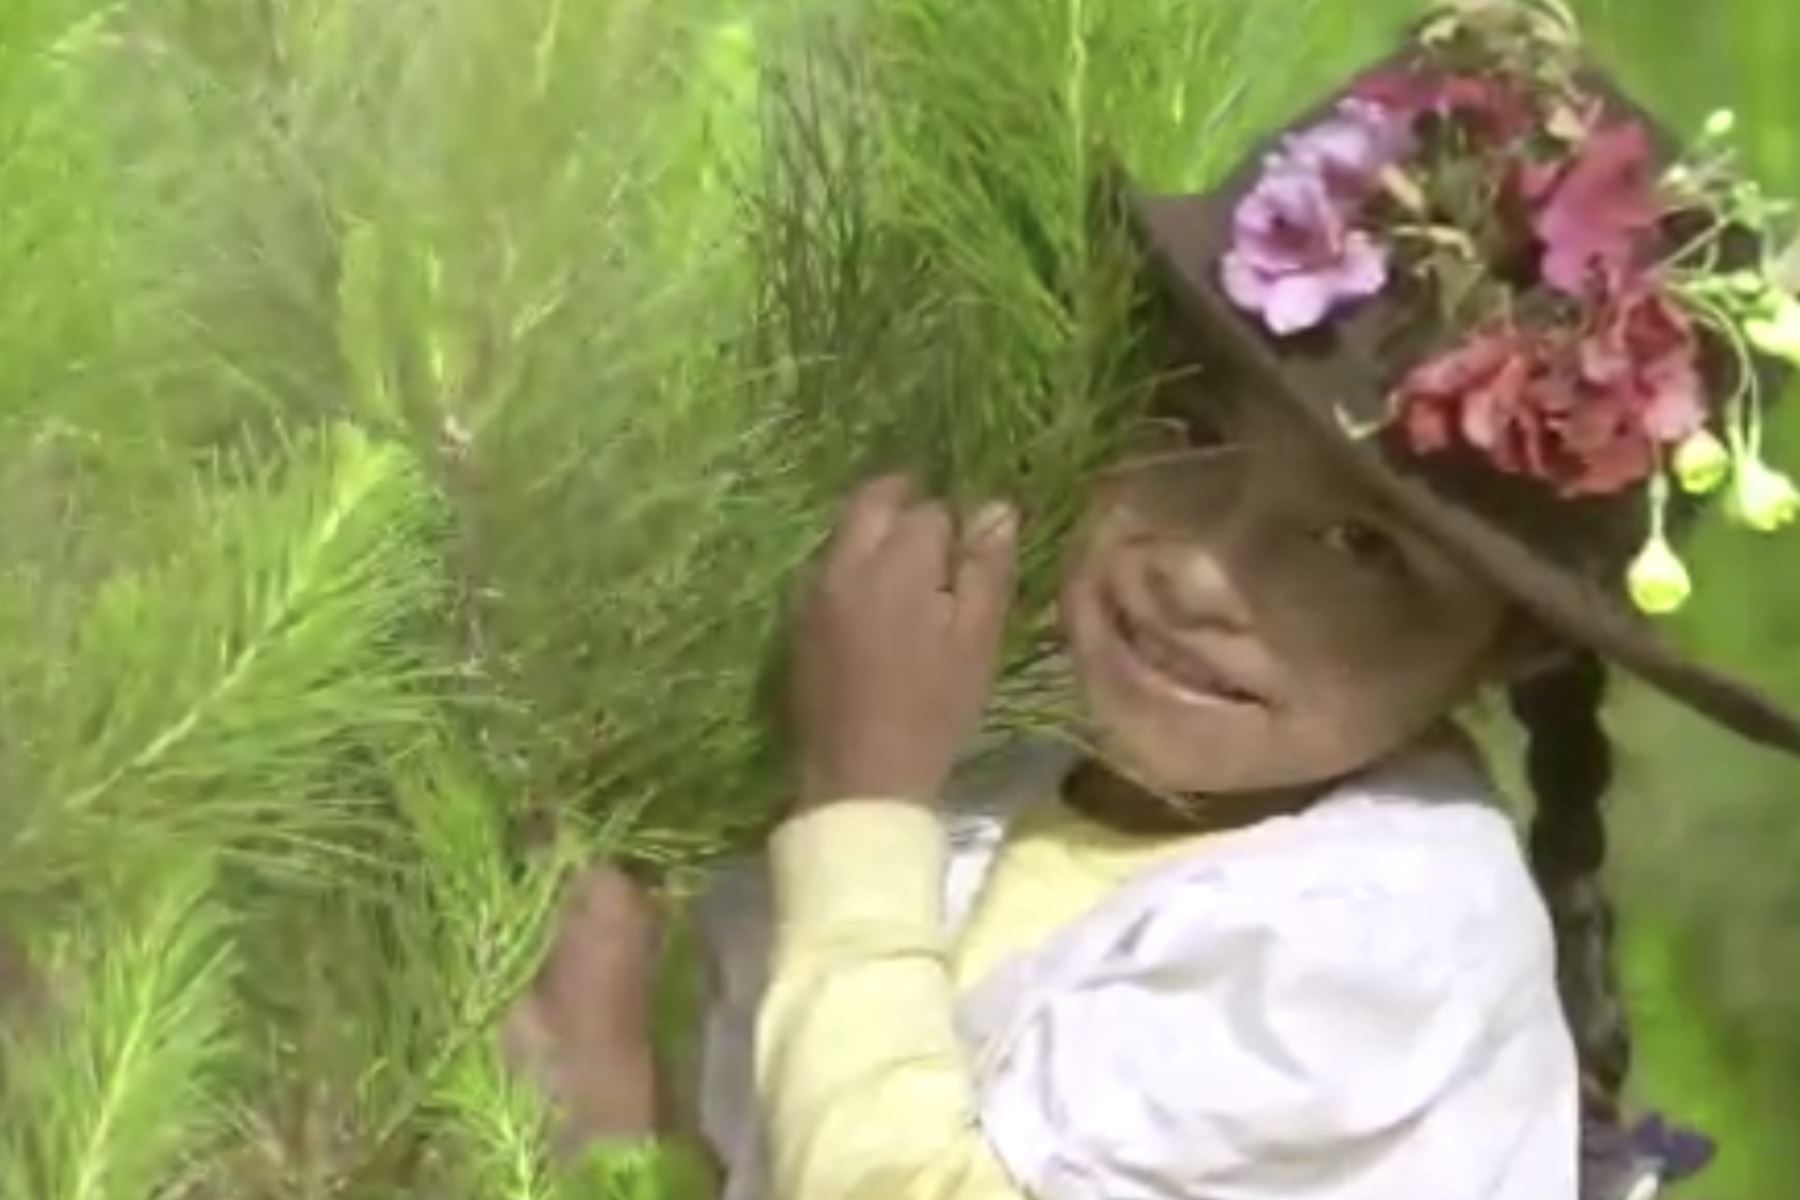 Este viernes 22, se sembrará un millón de árboles en las siete provincias de la región Apurímac, como una contribución con el planeta. Foto: Captura de video